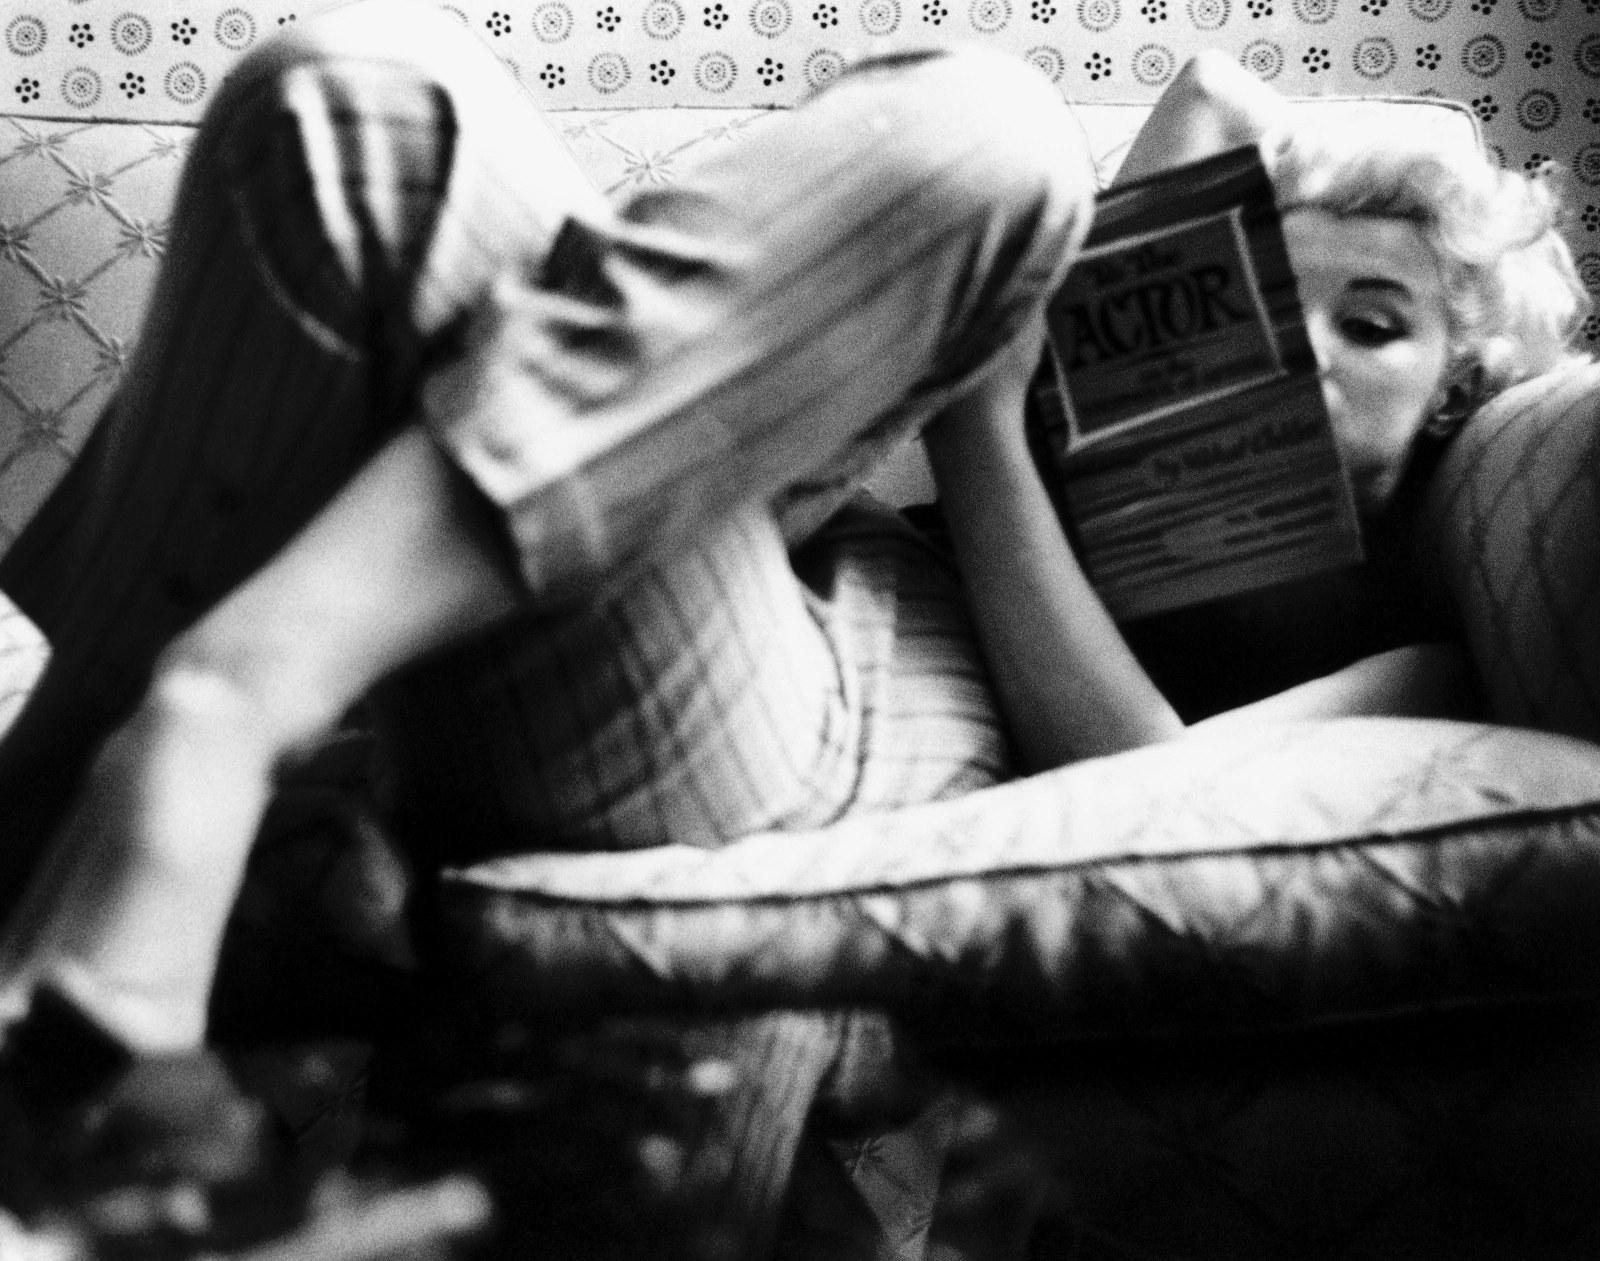 http://3.bp.blogspot.com/-GThXT2gqekc/Tf5BBnE9pVI/AAAAAAAAINs/lNUSbISd9Eo/s1600/Marilyn+Monroe+reading+10.jpg